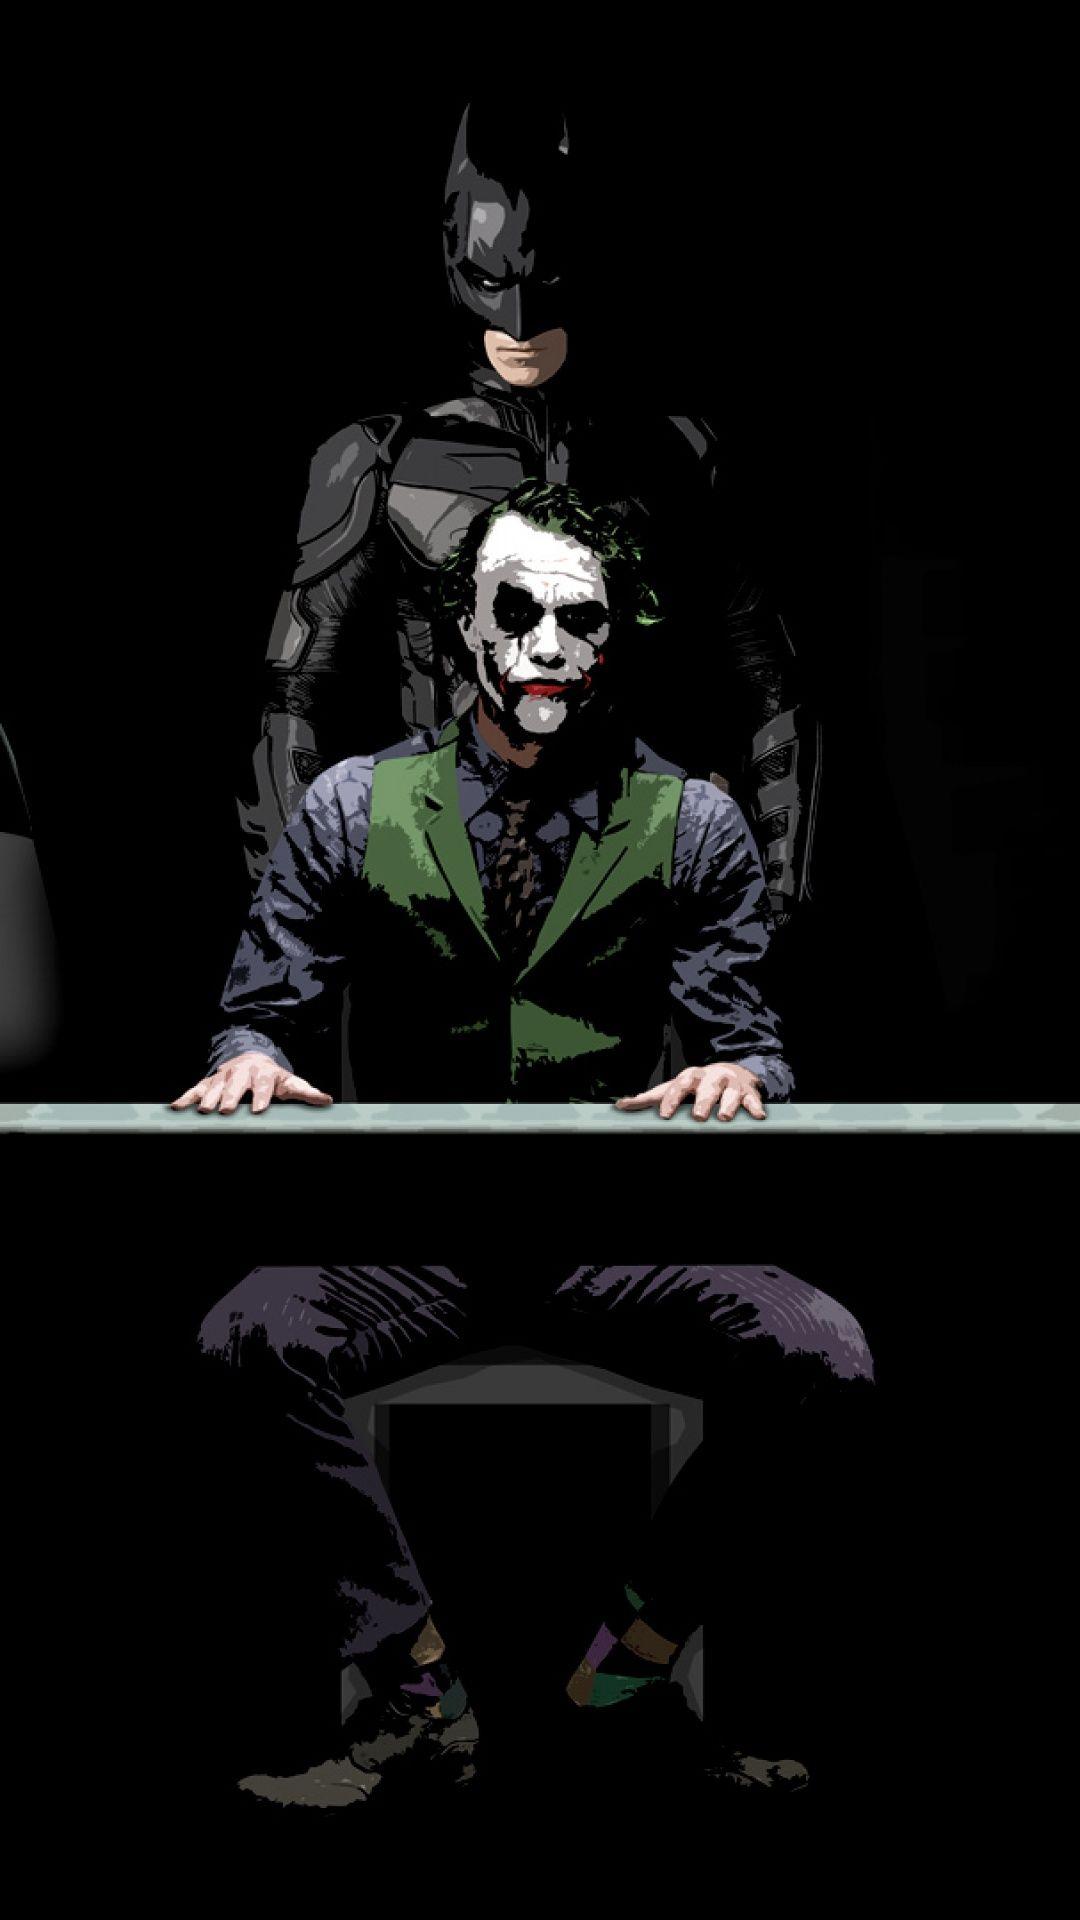 joker バットマン